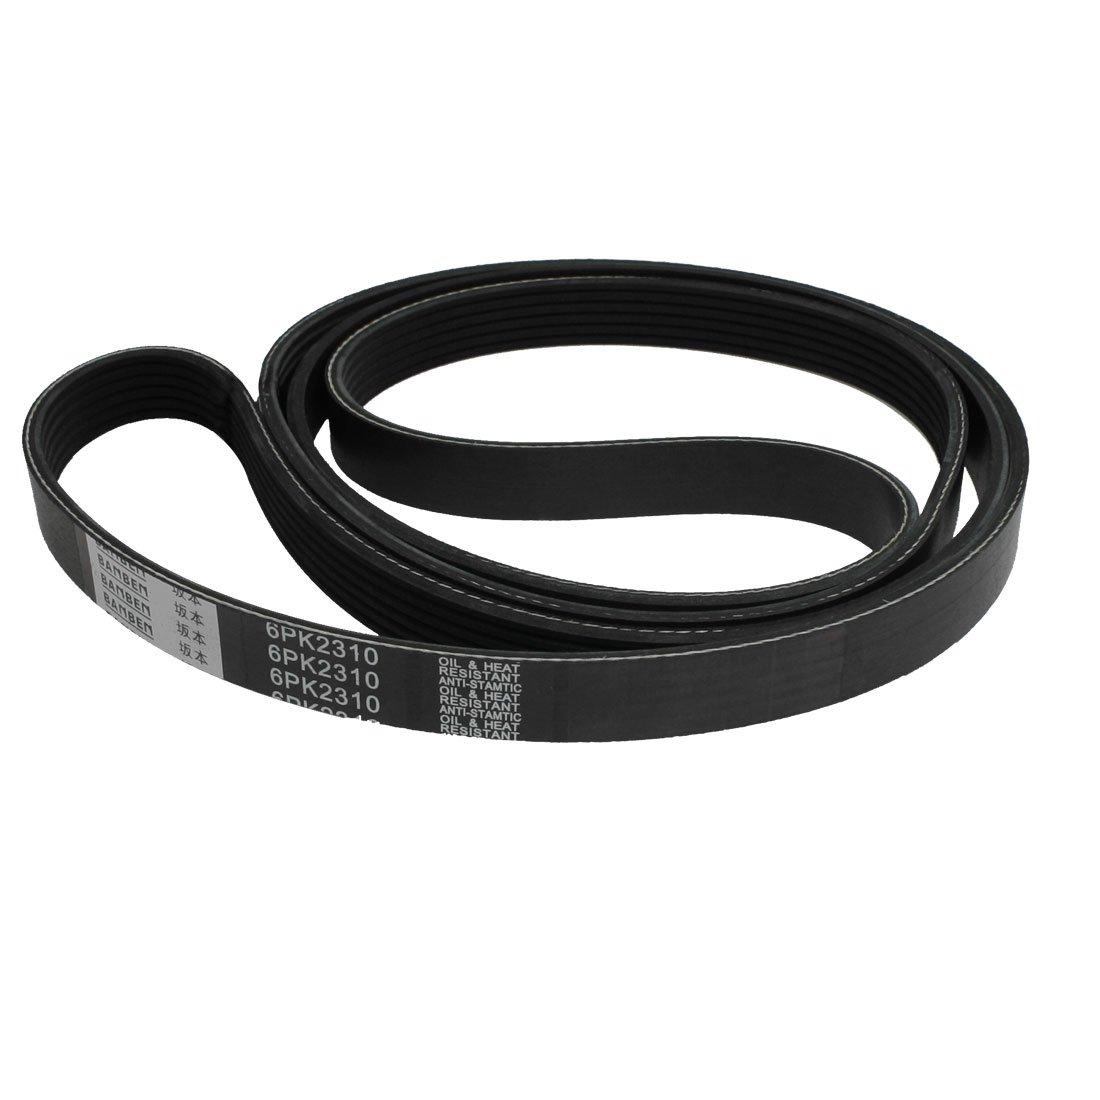 sourcingmap 6PK2310 Car Black Rubber Poly-V Serpentine Belt a13012500ux0088